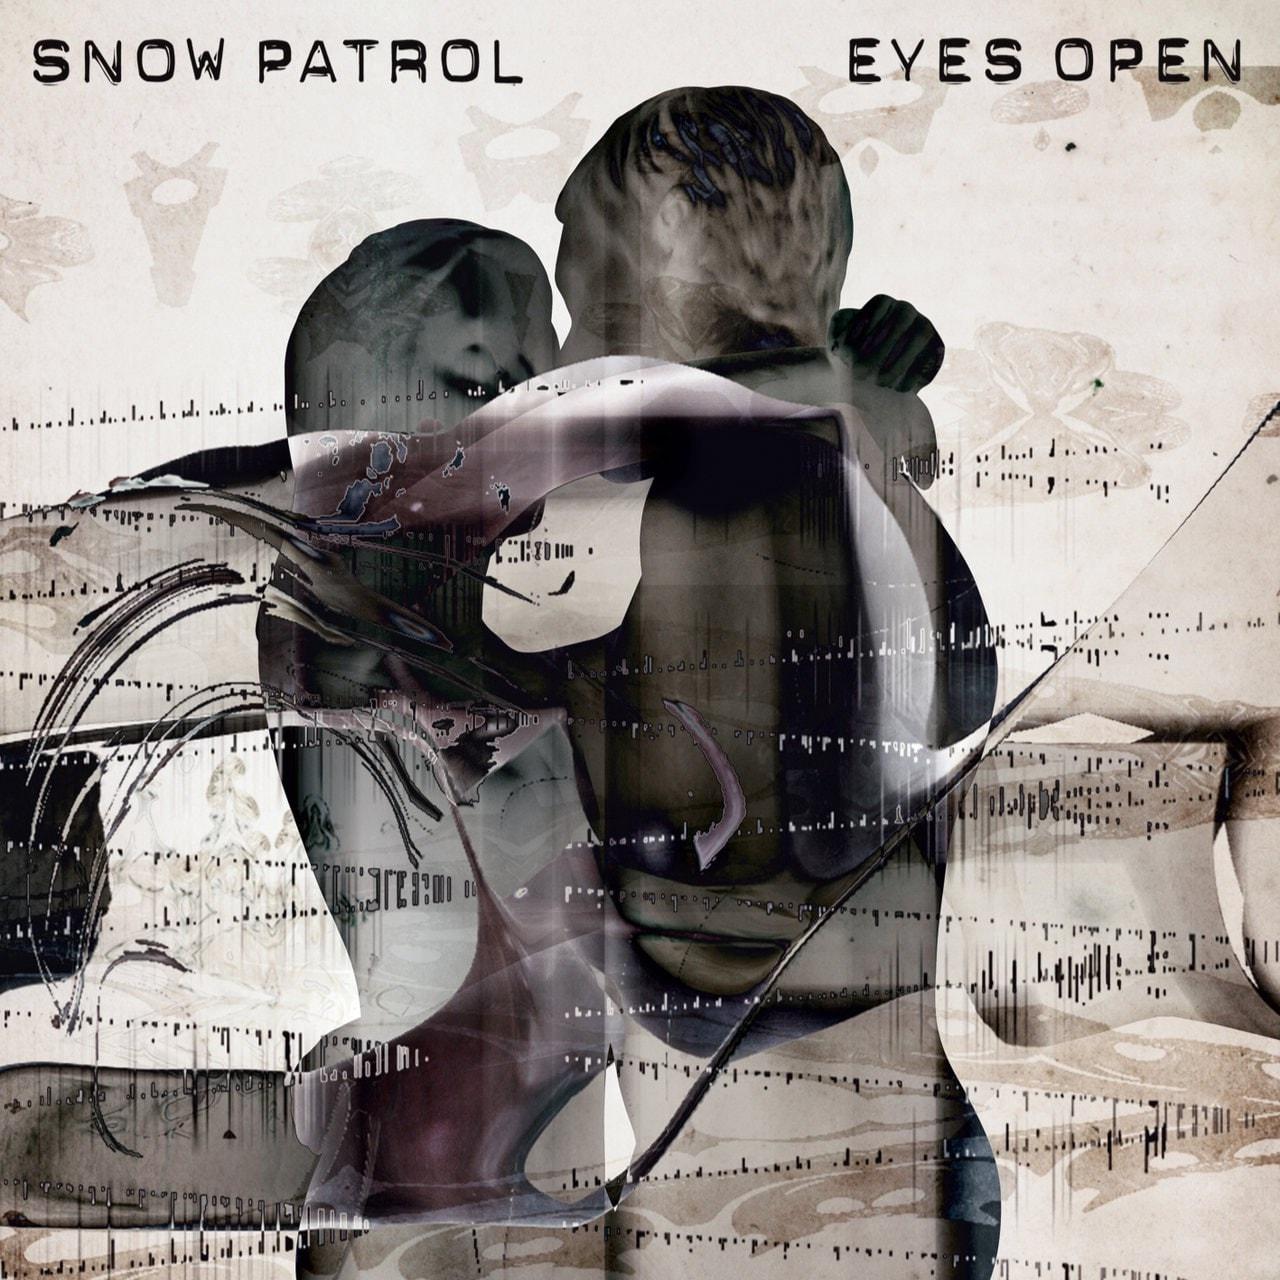 Eyes Open - 1